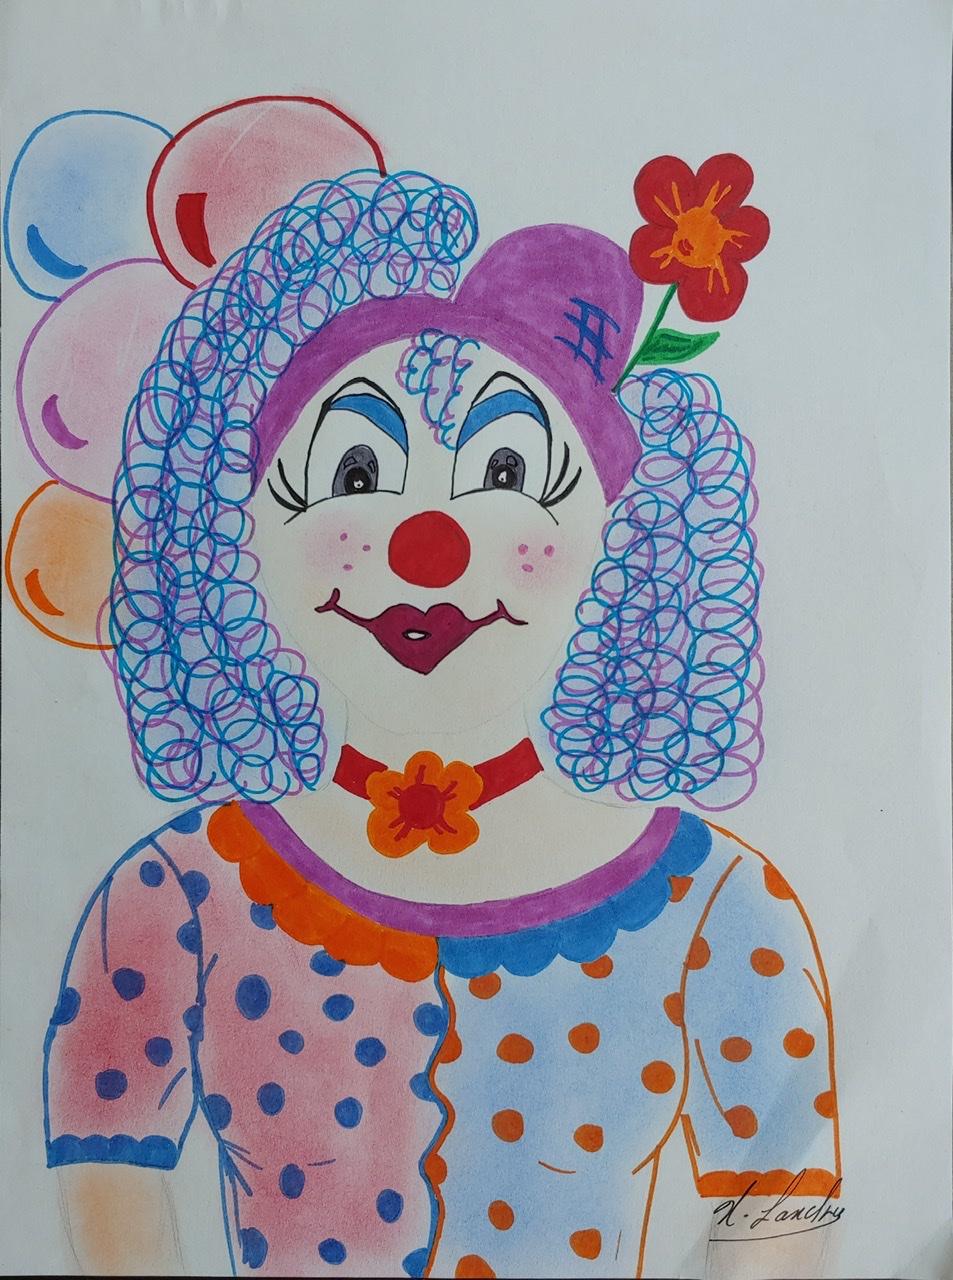 """<span style=""""color: #ff0000;""""><a style=""""color: #ff0000;"""" href=""""mailto:nathalielandry7@gmail.com?subject=Défi 15 dessins 15 semaines - Clownesse""""> Contacter l'artiste</a></span> Nathalie Landry - Clownesse - 50$  (transaction directement avec l'artiste) -Feutre et crayon couleur sur papier Strathmore Sketch 60lb, 12 x 9 po, encadré"""